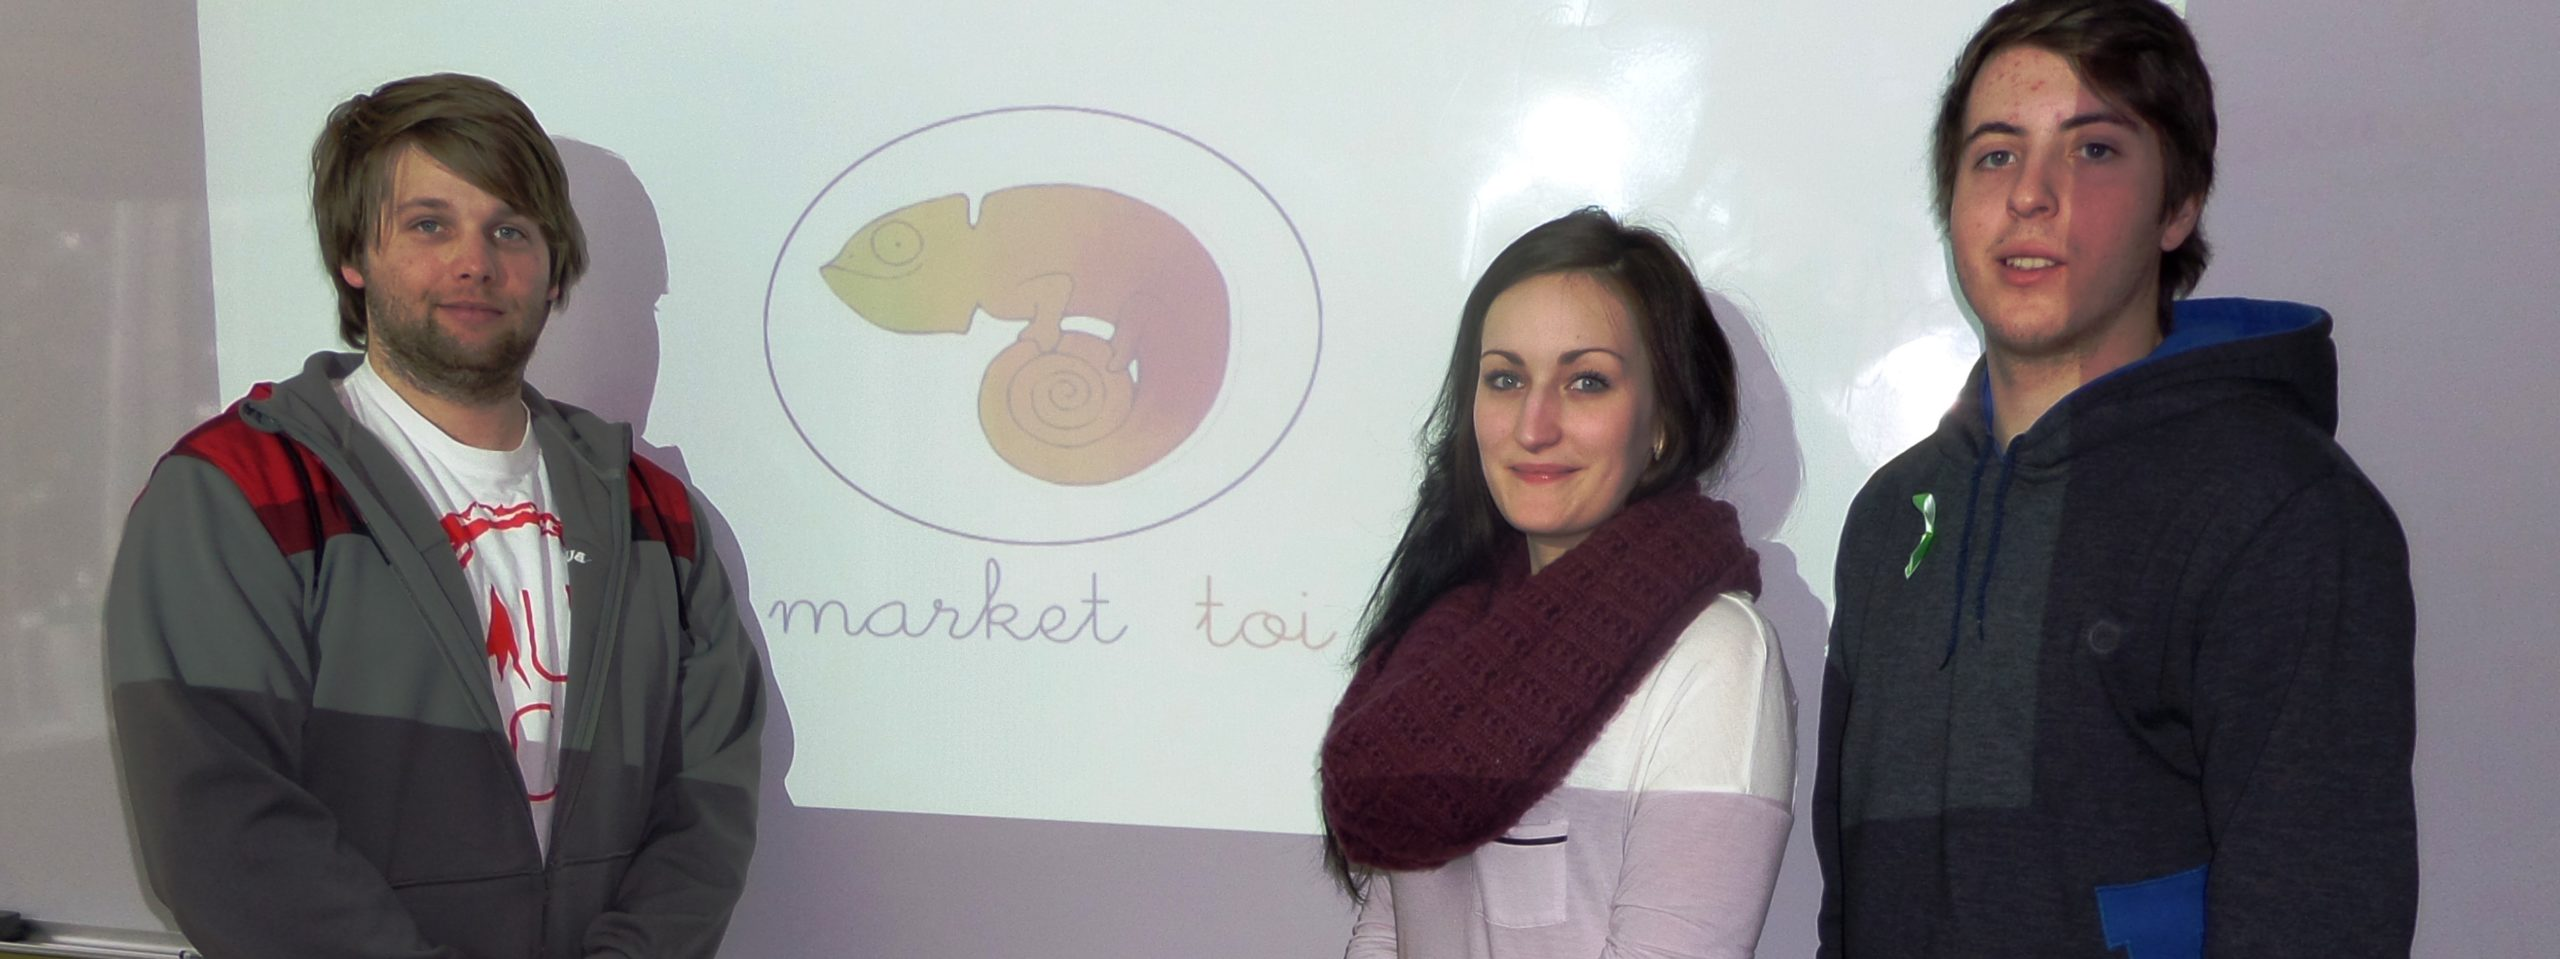 Markettoi_Gestion de commerces_CCMT